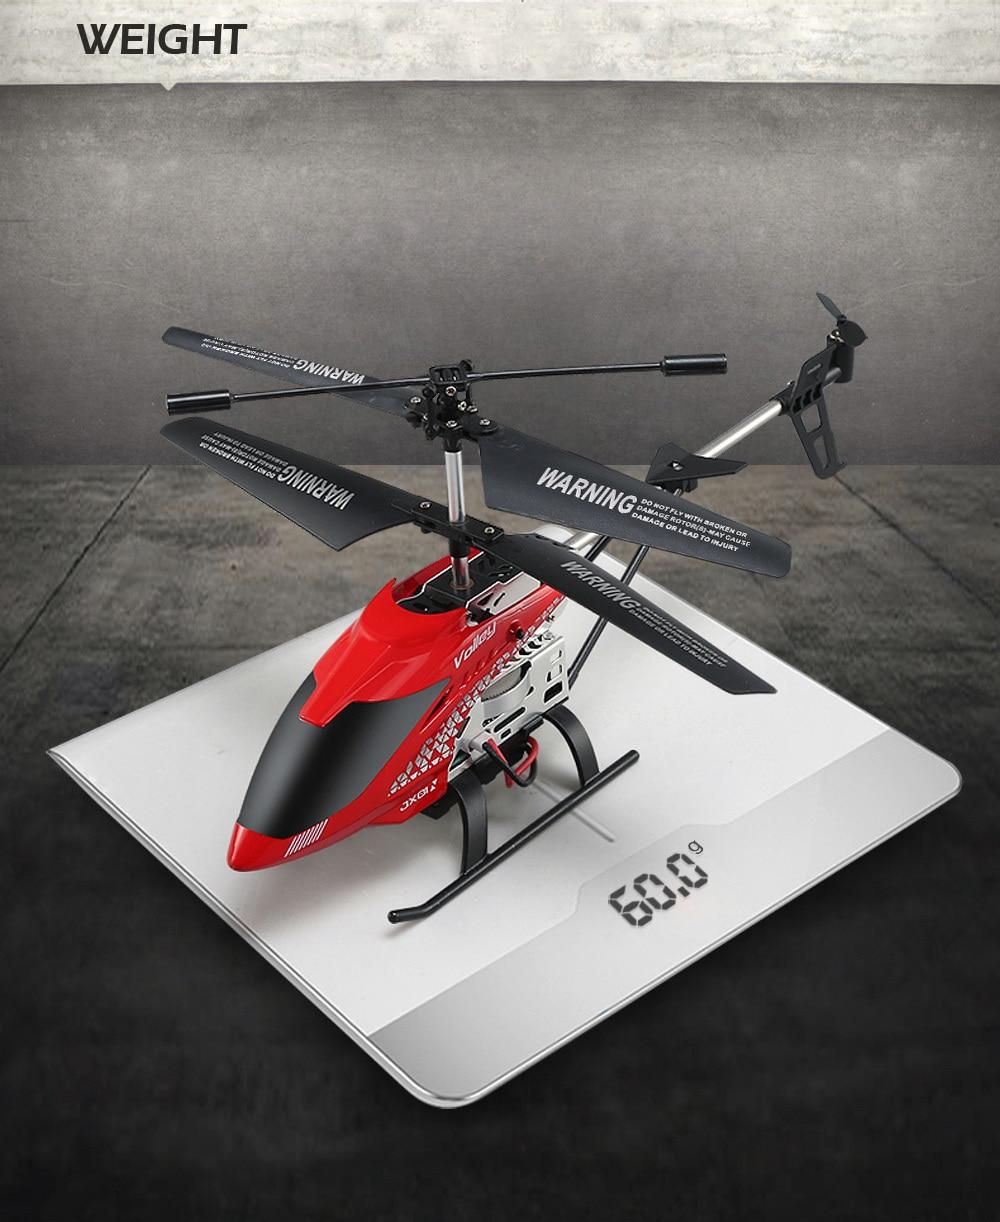 هليكوبتر سبائك الارتفاع الهدايا 17